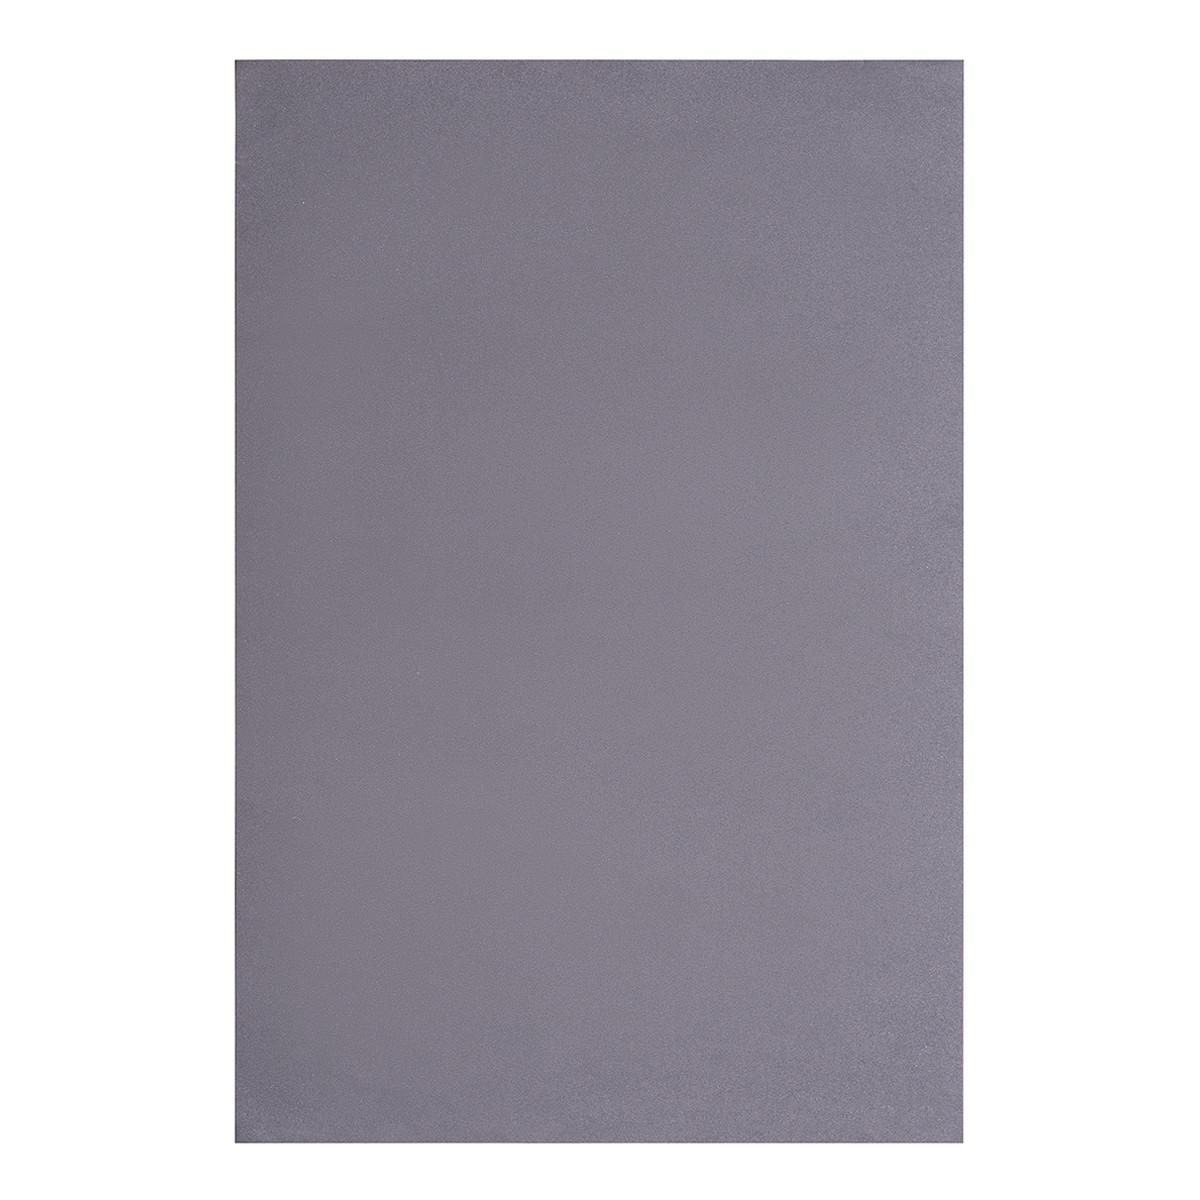 Фоамиран ЭВА серый, 200*300 мм, толщина 1,7 мм, 10 листов